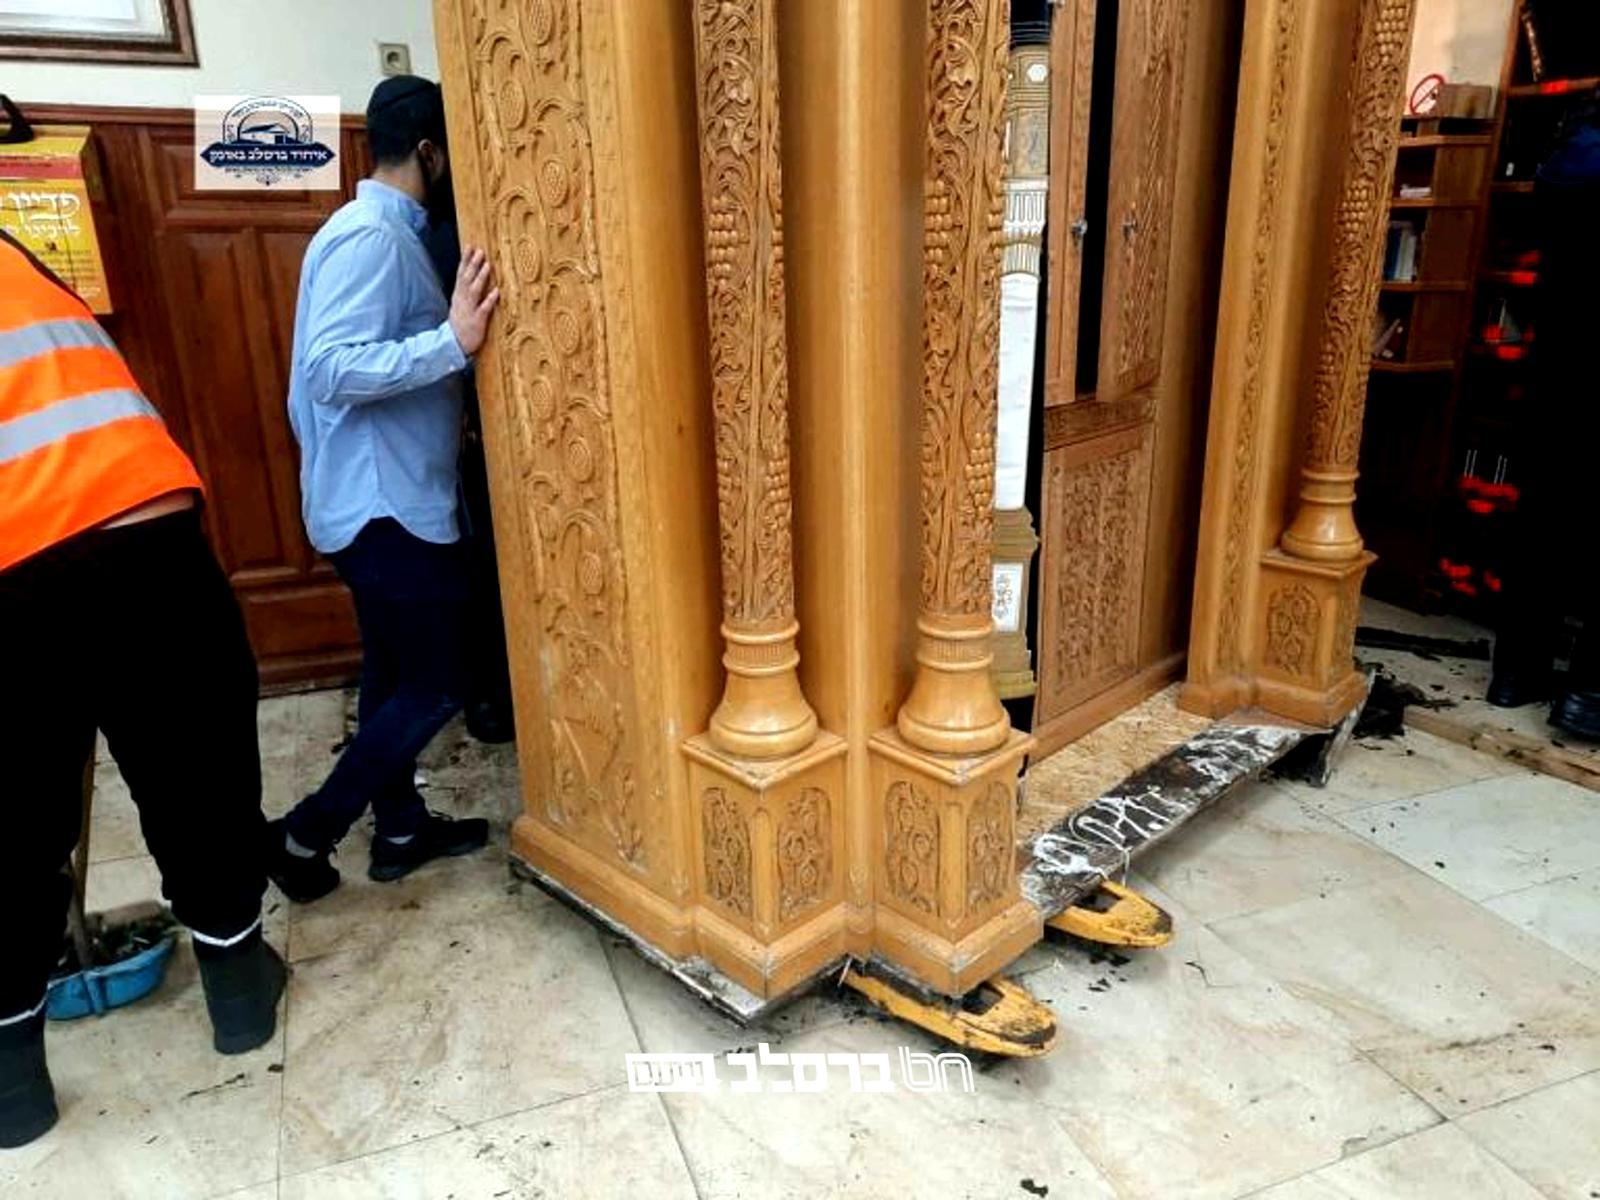 איחוד ברסלב באומן: שופץ וחודש ארון הקודש שבהיכל ציון רבינו הקדוש רבי נחמן מברסלב באומן